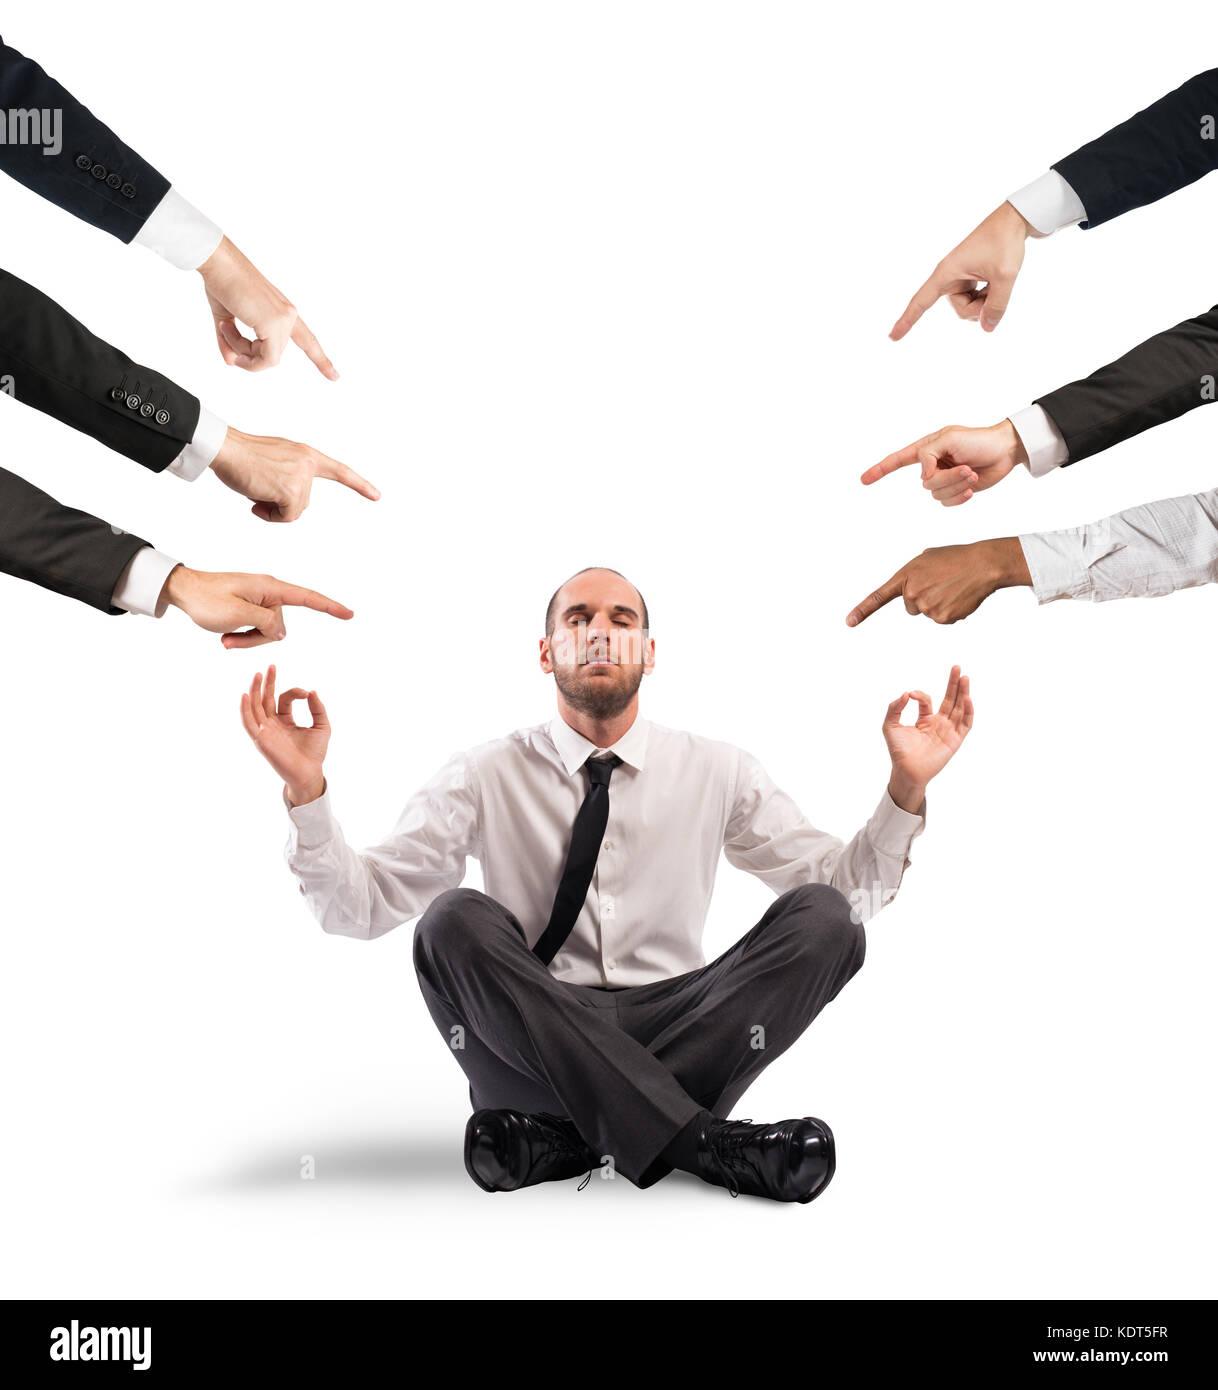 En vertu de l'homme d'affaires décontractée les accusations de ses collègues Photo Stock